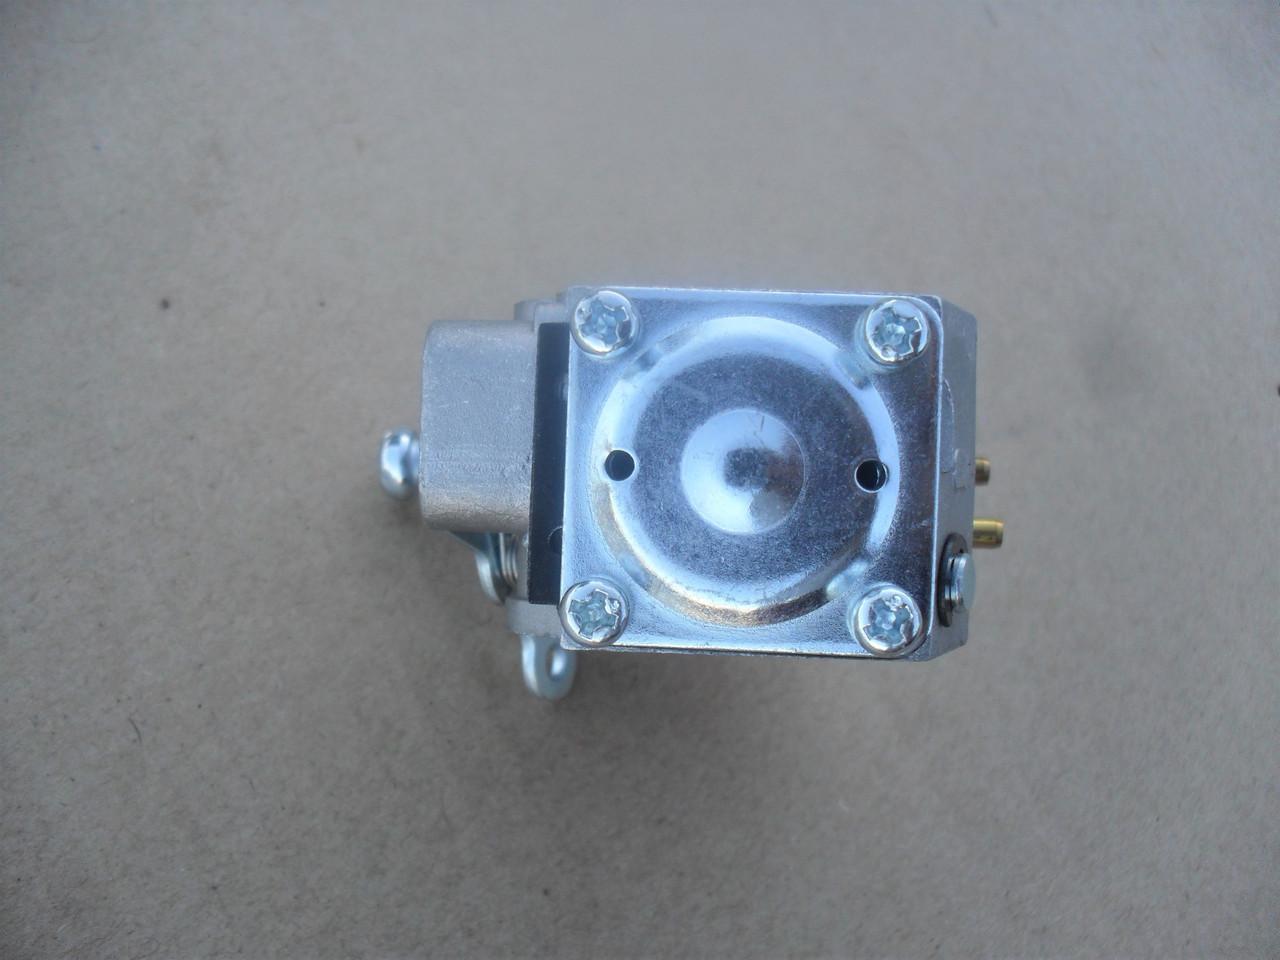 Carburetor for Bolens BL110, BL160, BL425, 753-06423, 753-06190, WT973, WT-973